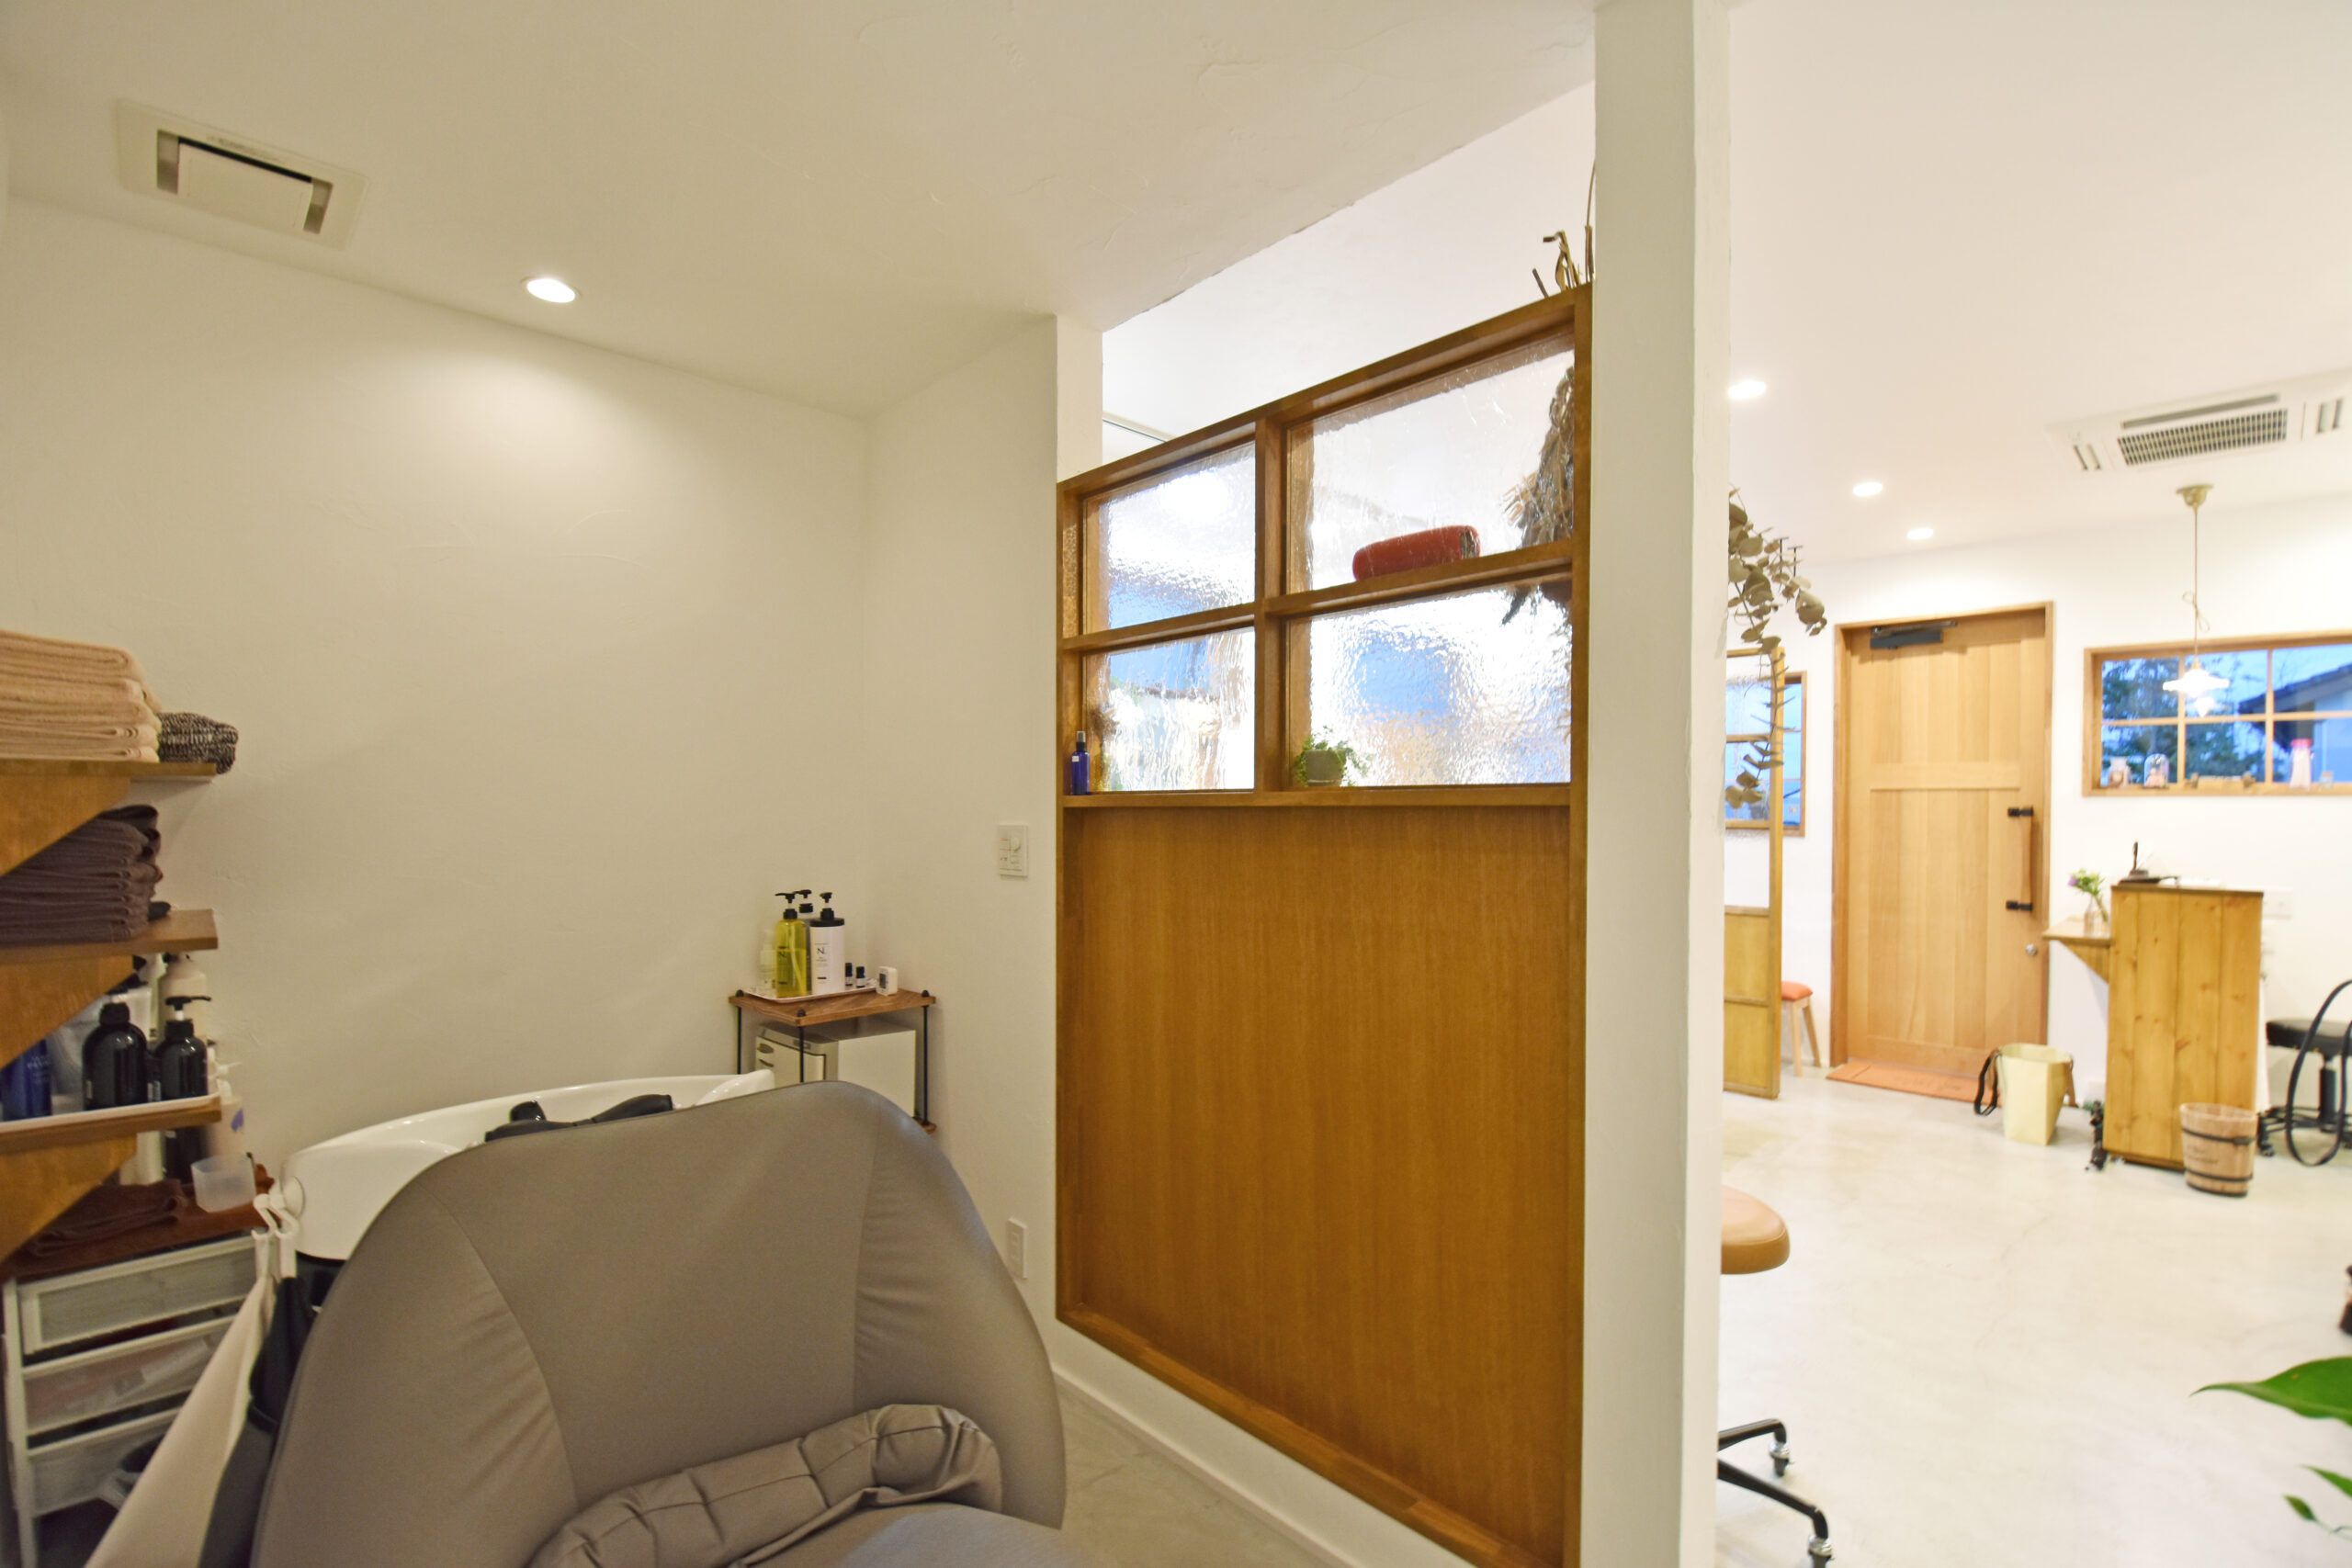 シャンプースペースとカットスペースの間には、間仕切りを設けて視線を遮りつつも、圧迫感のないように室内窓を採用。大工さん手作りの棚は高さや数を計算して作っているので、タオルやシャンプー類が収納しやすくなっている。